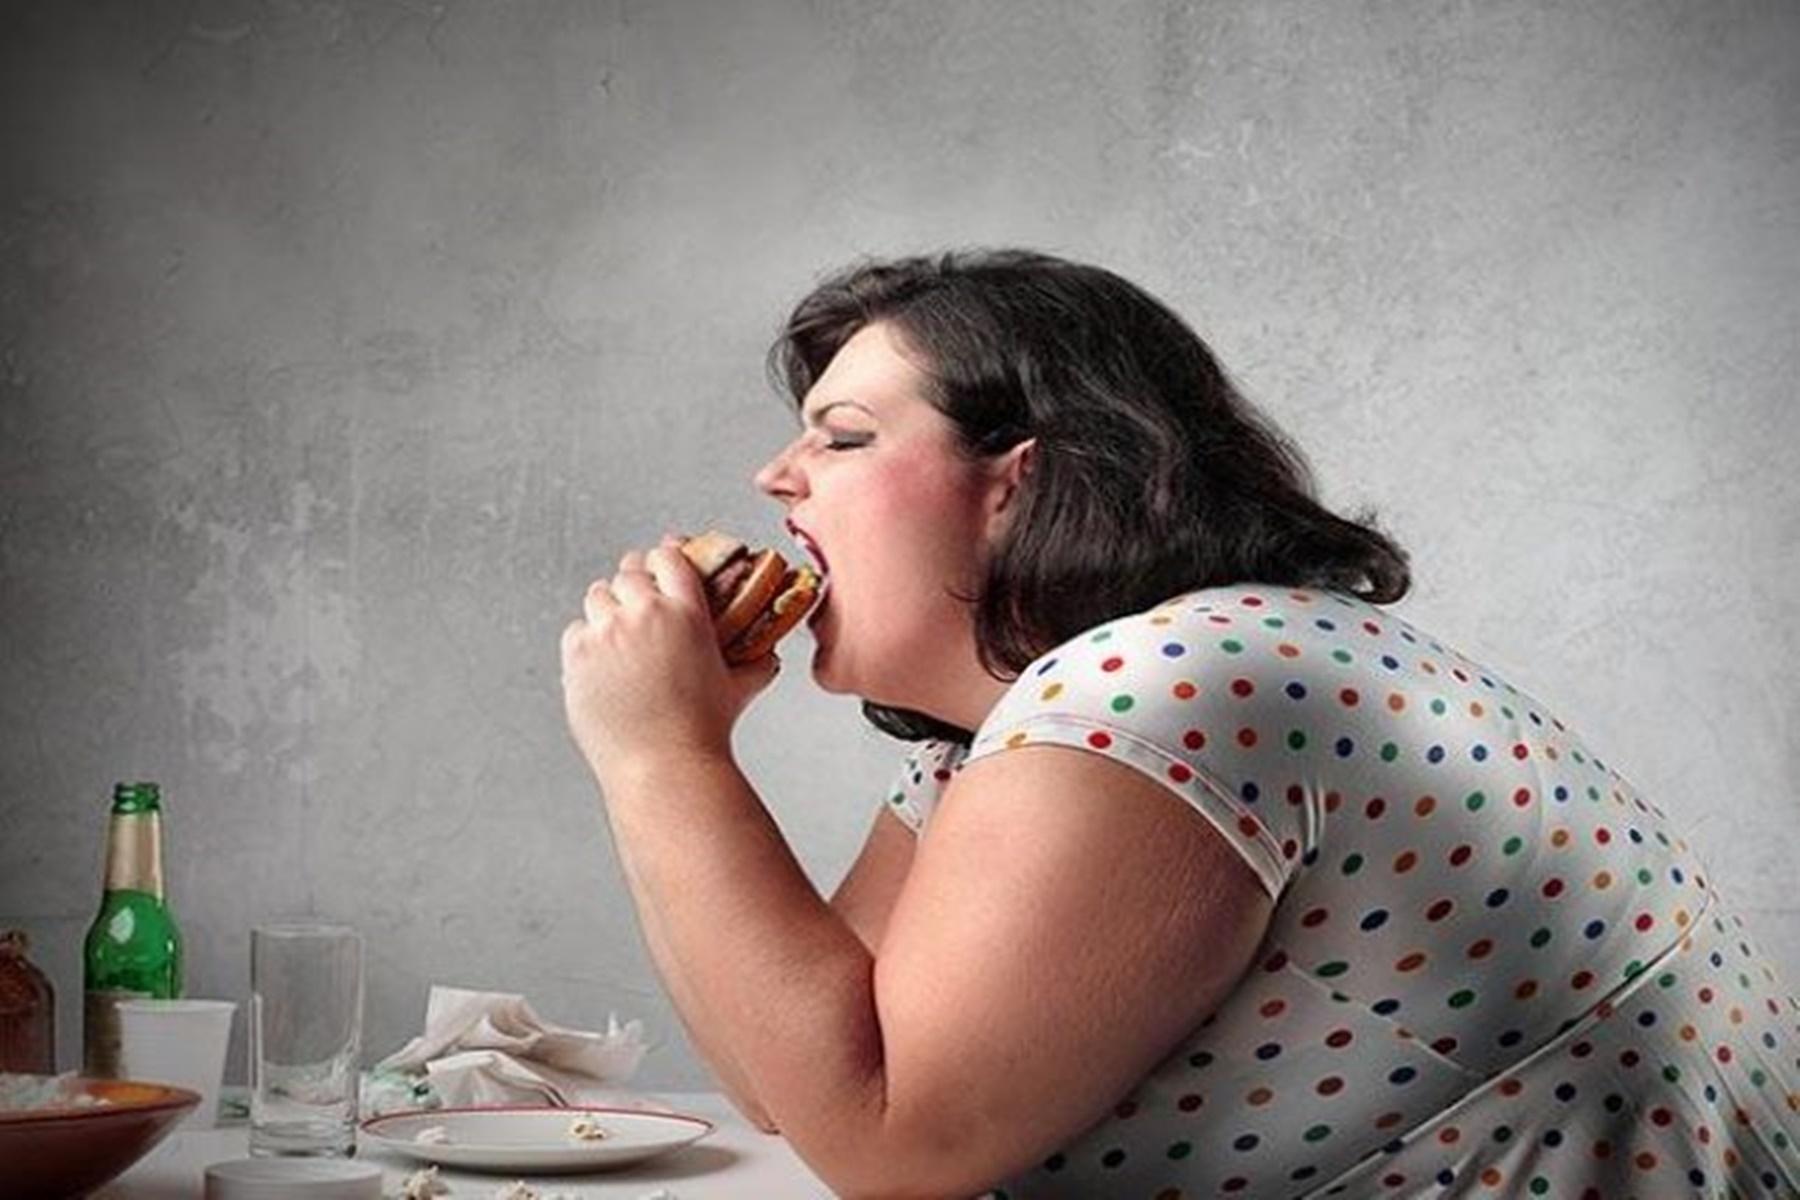 Παχυσαρκία : H Novo Nordisk Hellas ετοιμάζει εκστρατεία για την αντιμετώπιση της